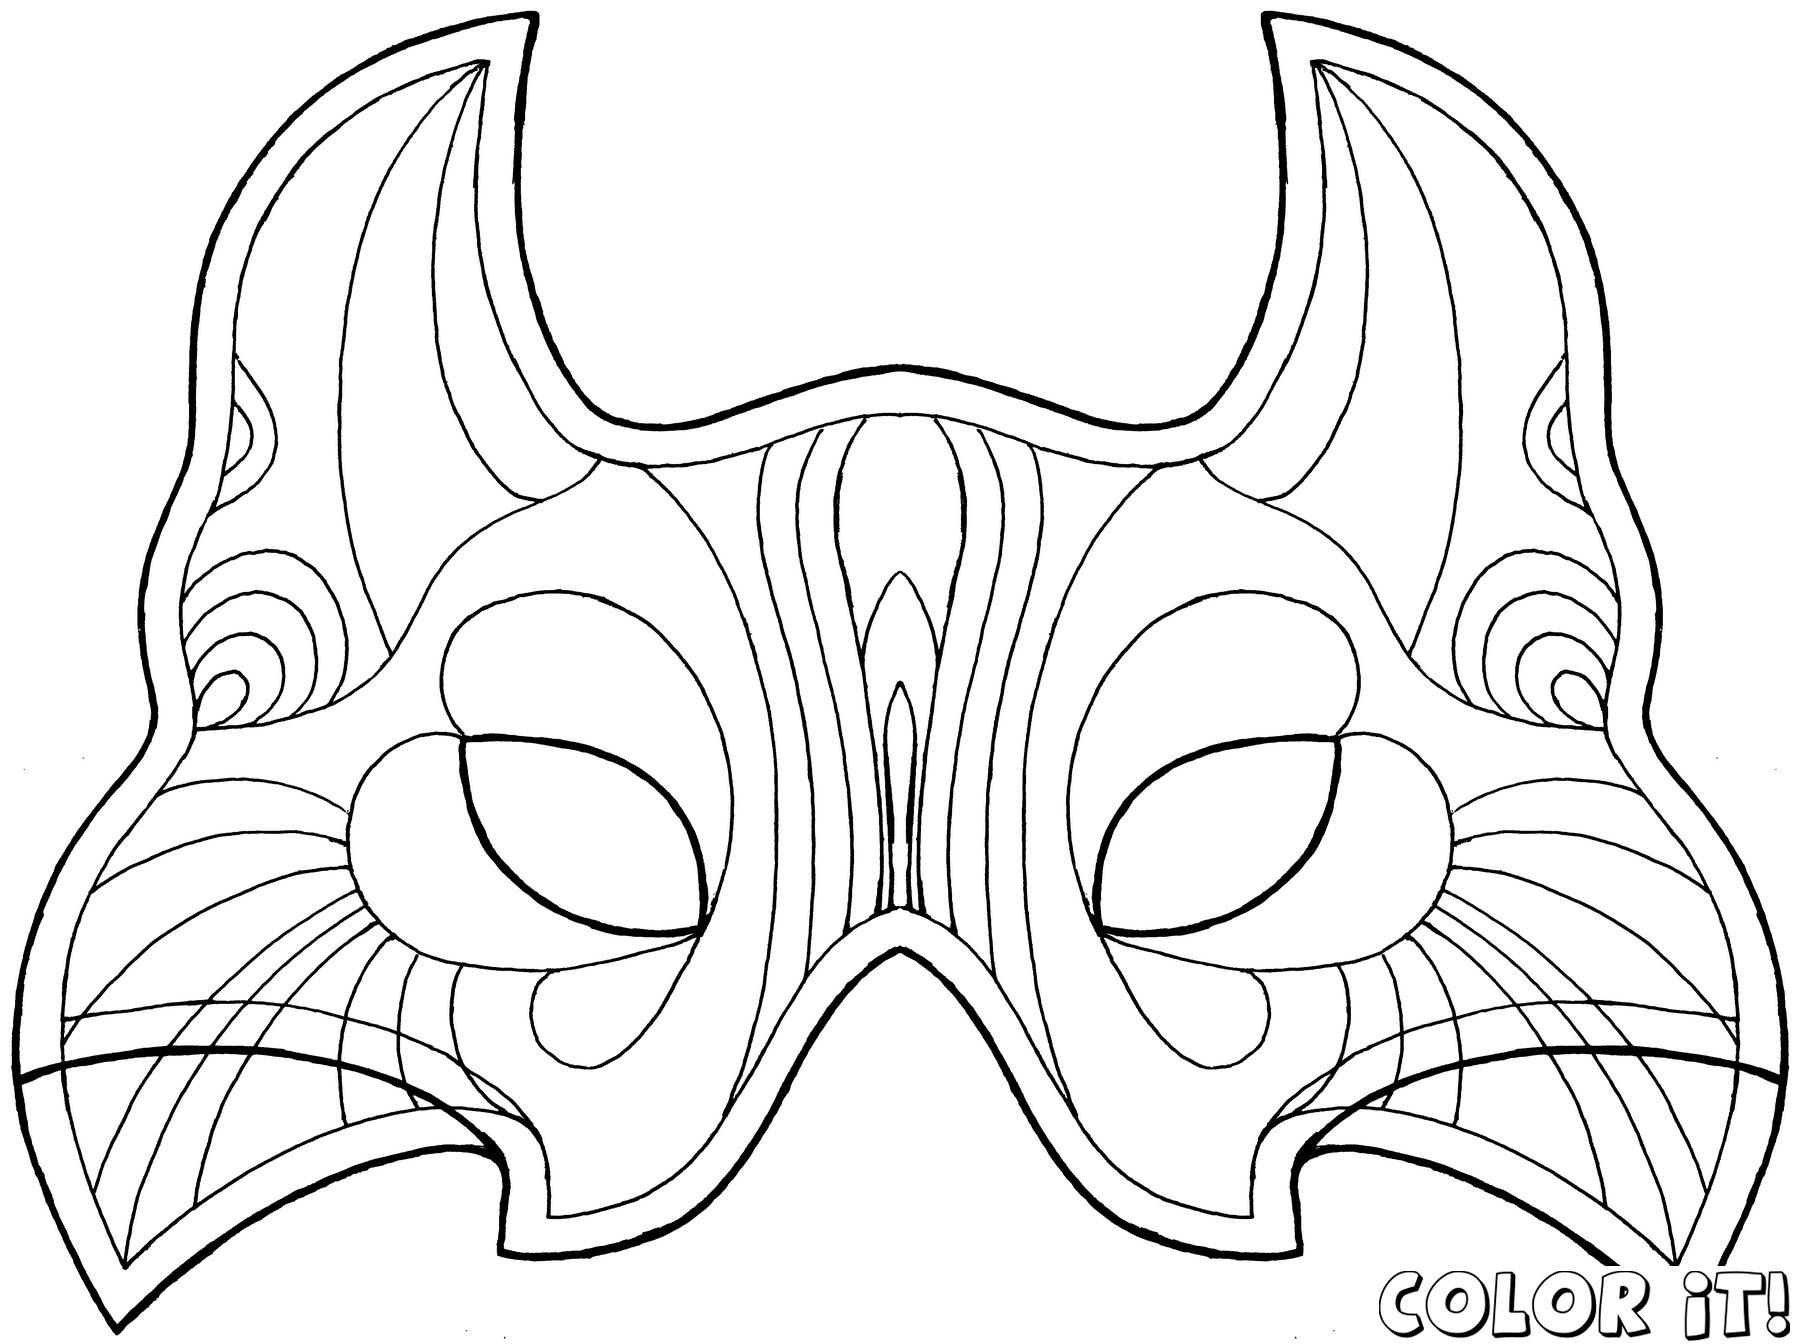 Free Printable Character Face Masks | Masks,  Image Templates - Free Printable Face Masks